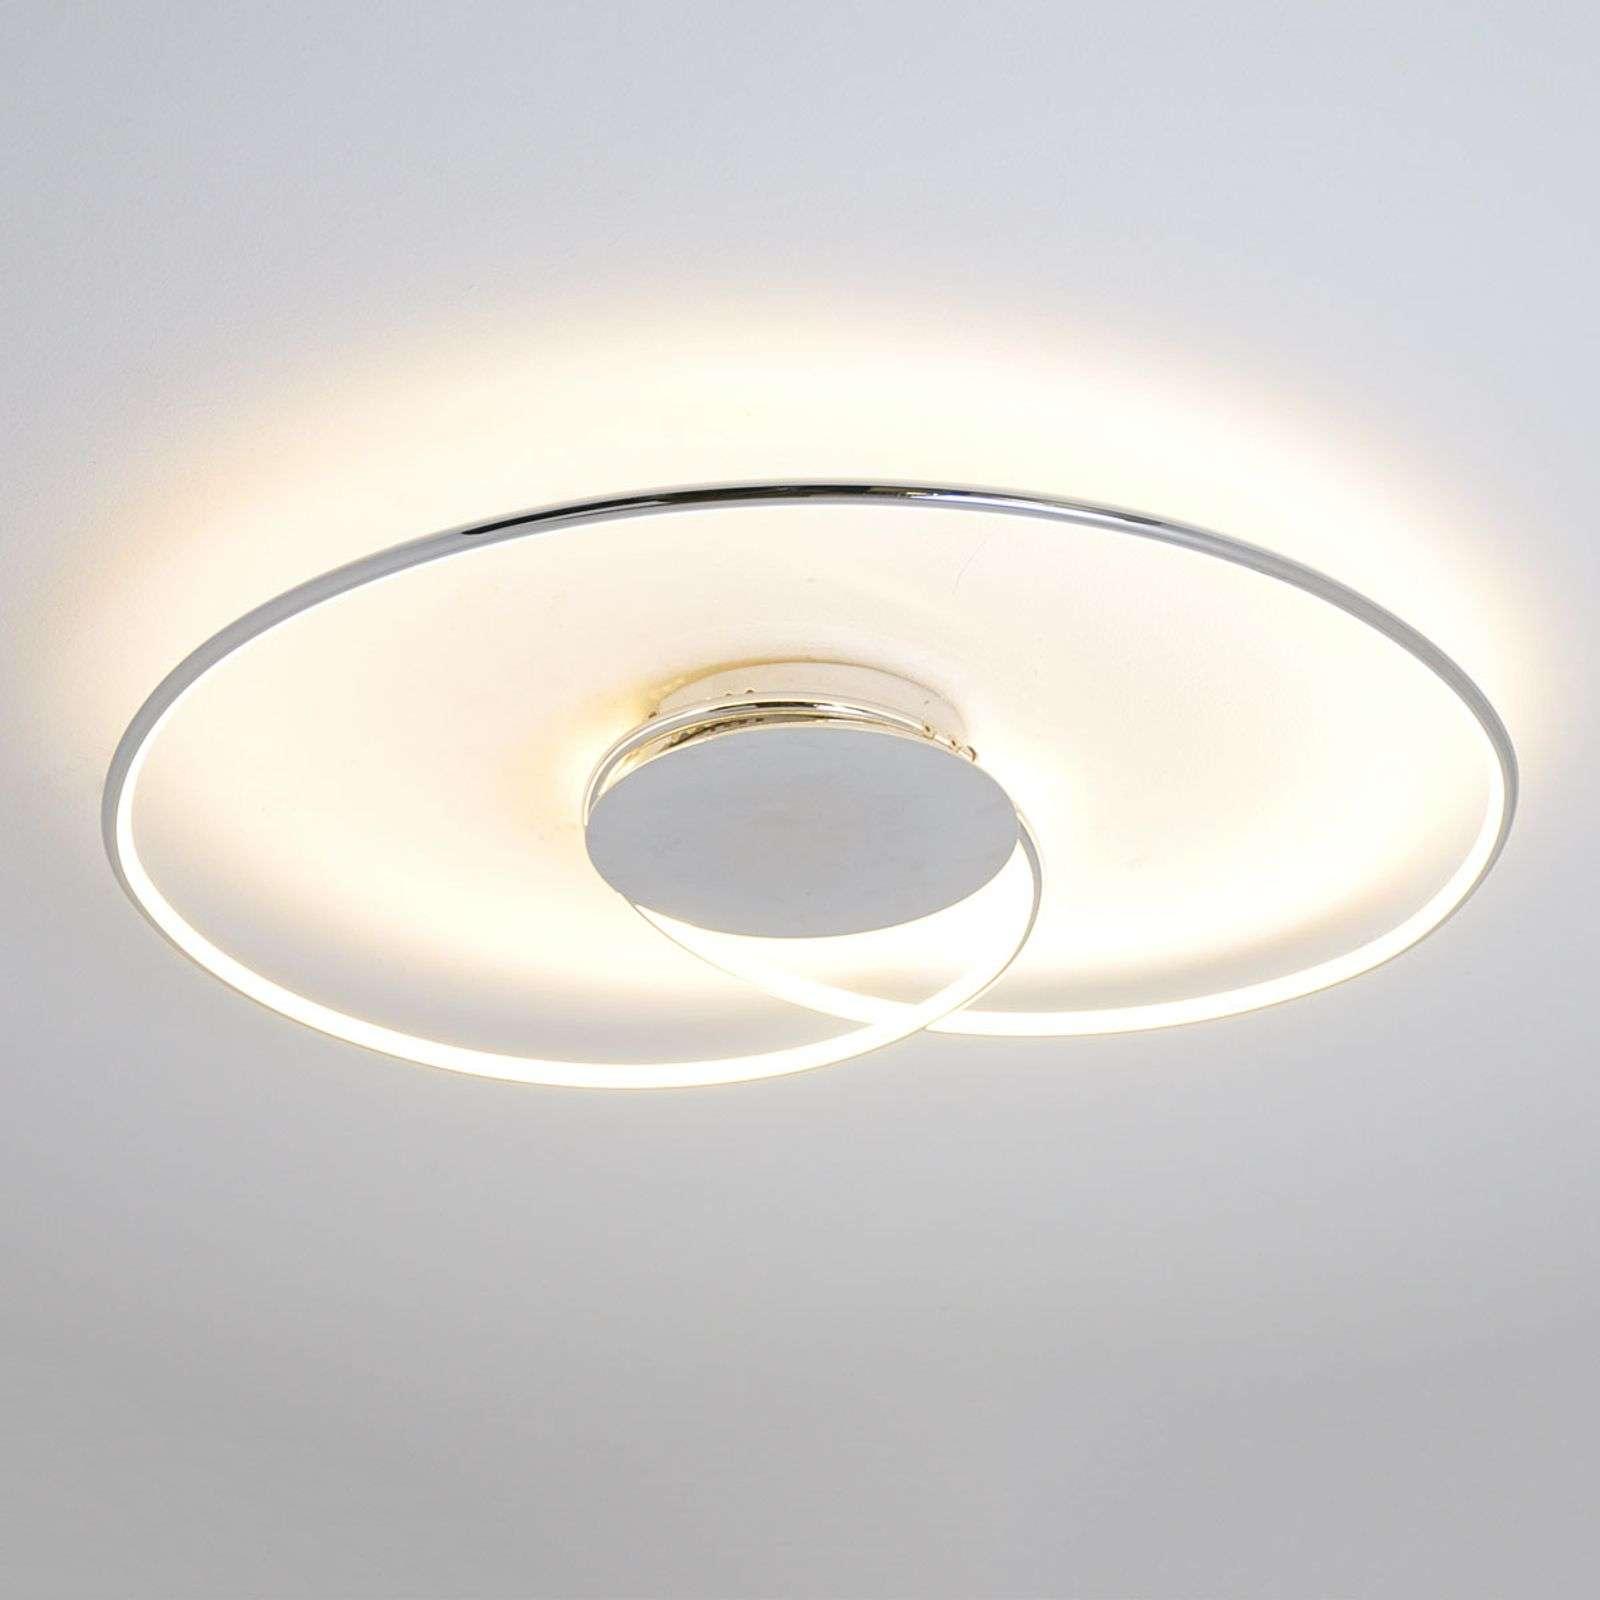 Lampenwelt.com Plafonnier LED gracile Joline - LAMPENWELT.com